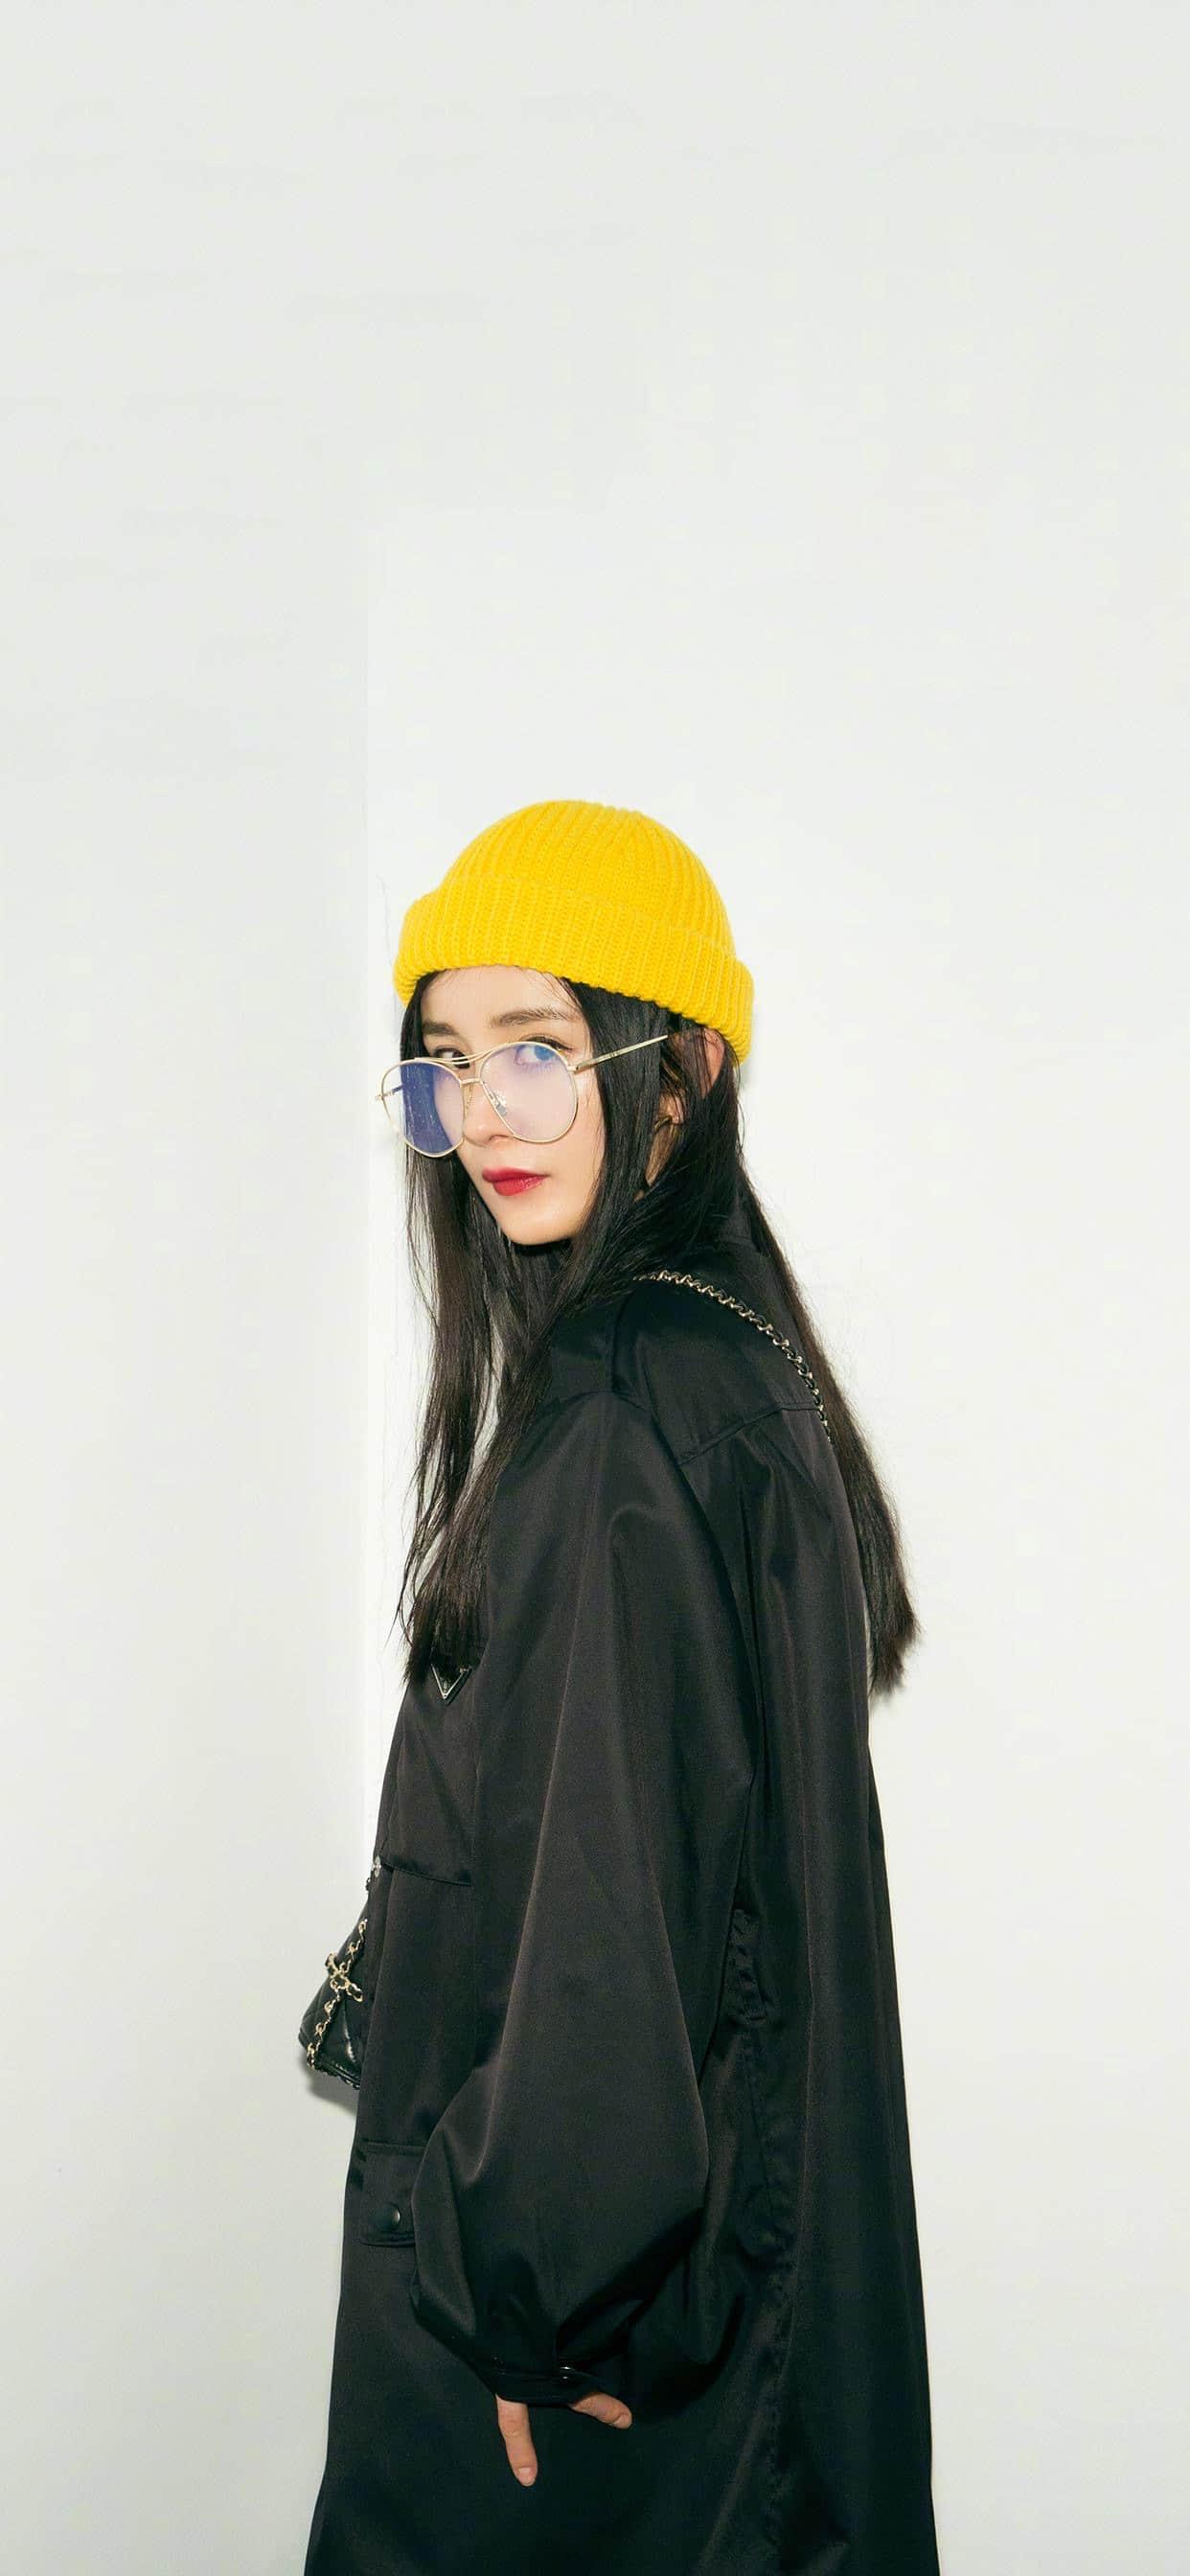 黄色小帽金丝边框眼镜尽显时尚气质-杨幂(5张)